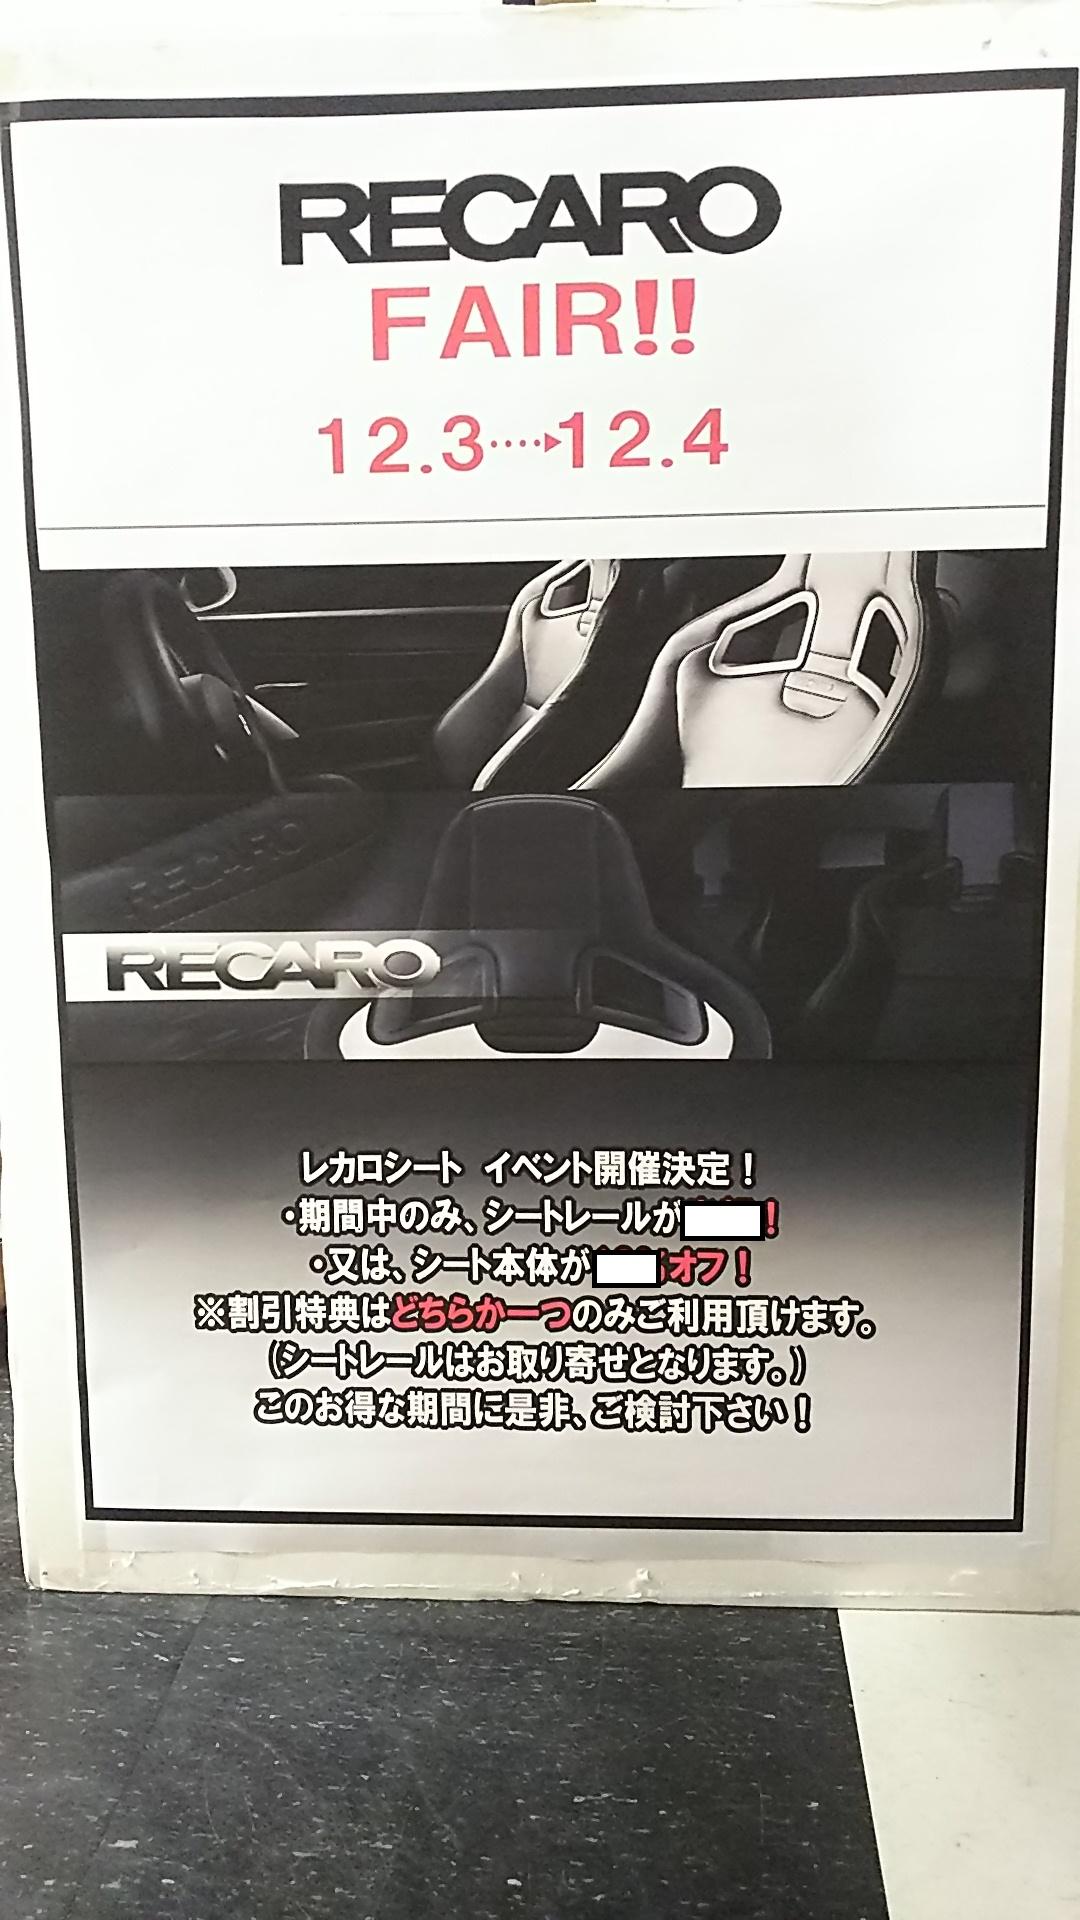 【イベント情報】レカロシート フェアー開催!12月3日(土曜)、4日(日曜日)